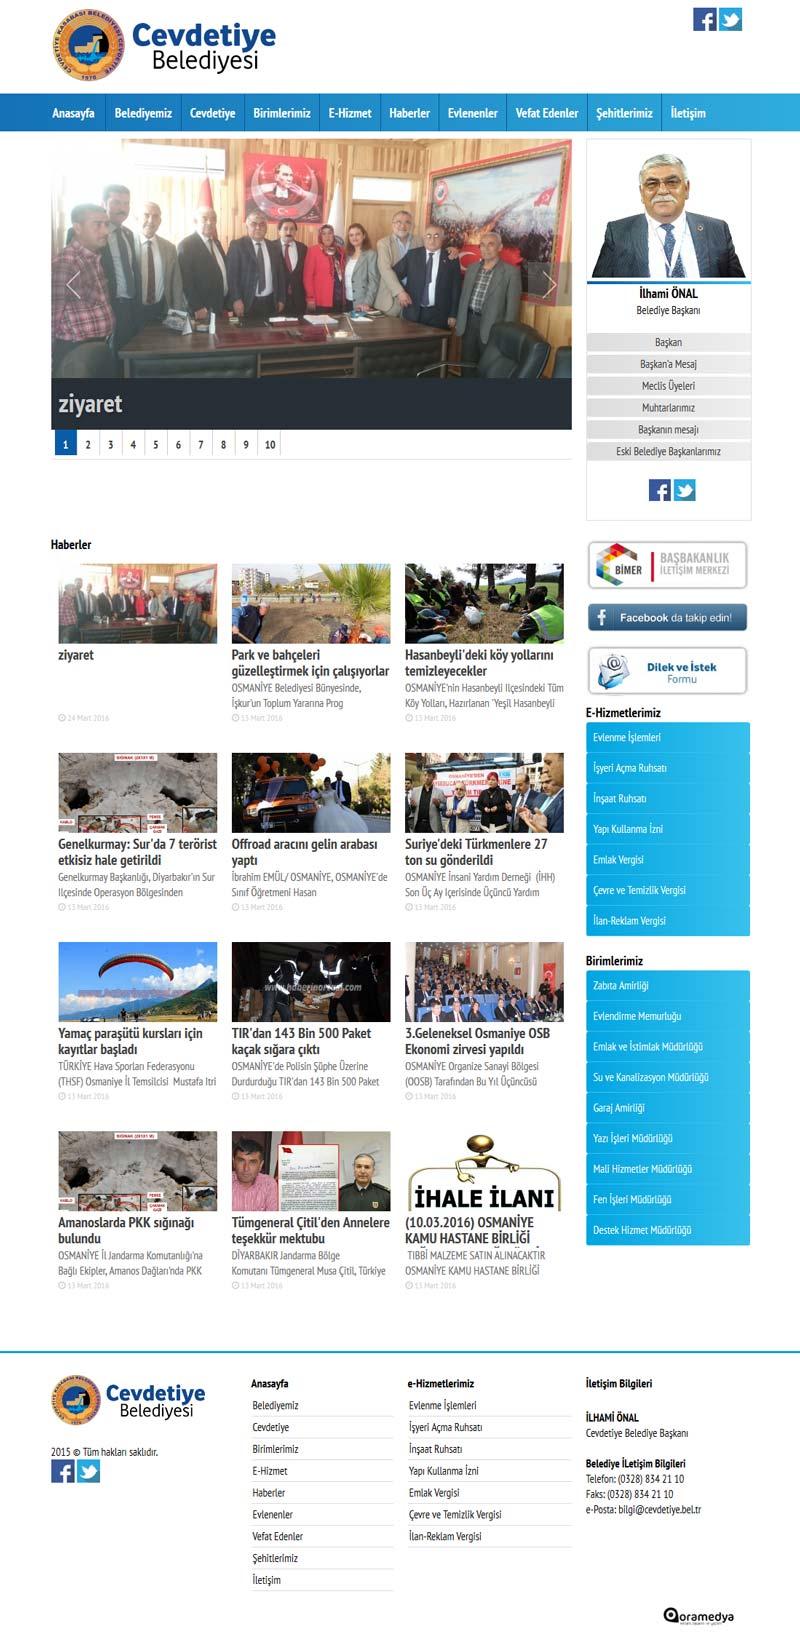 Cevdetiye Belediyesi Osmaniye Web Sitesi Tasarımı